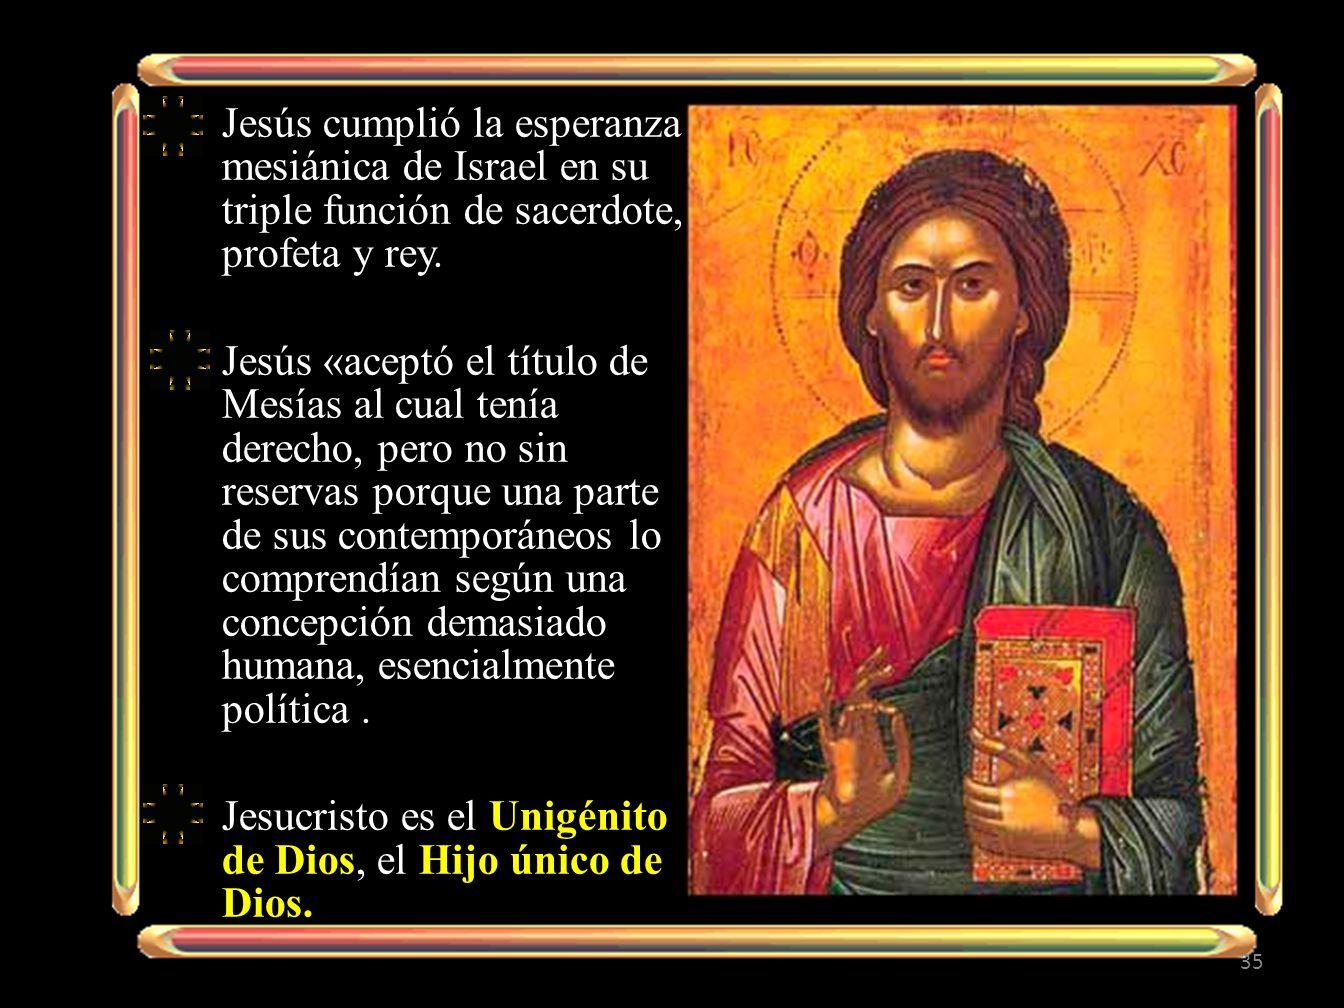 Jesús cumplió la esperanza mesiánica de Israel en su triple función de sacerdote, profeta y rey.